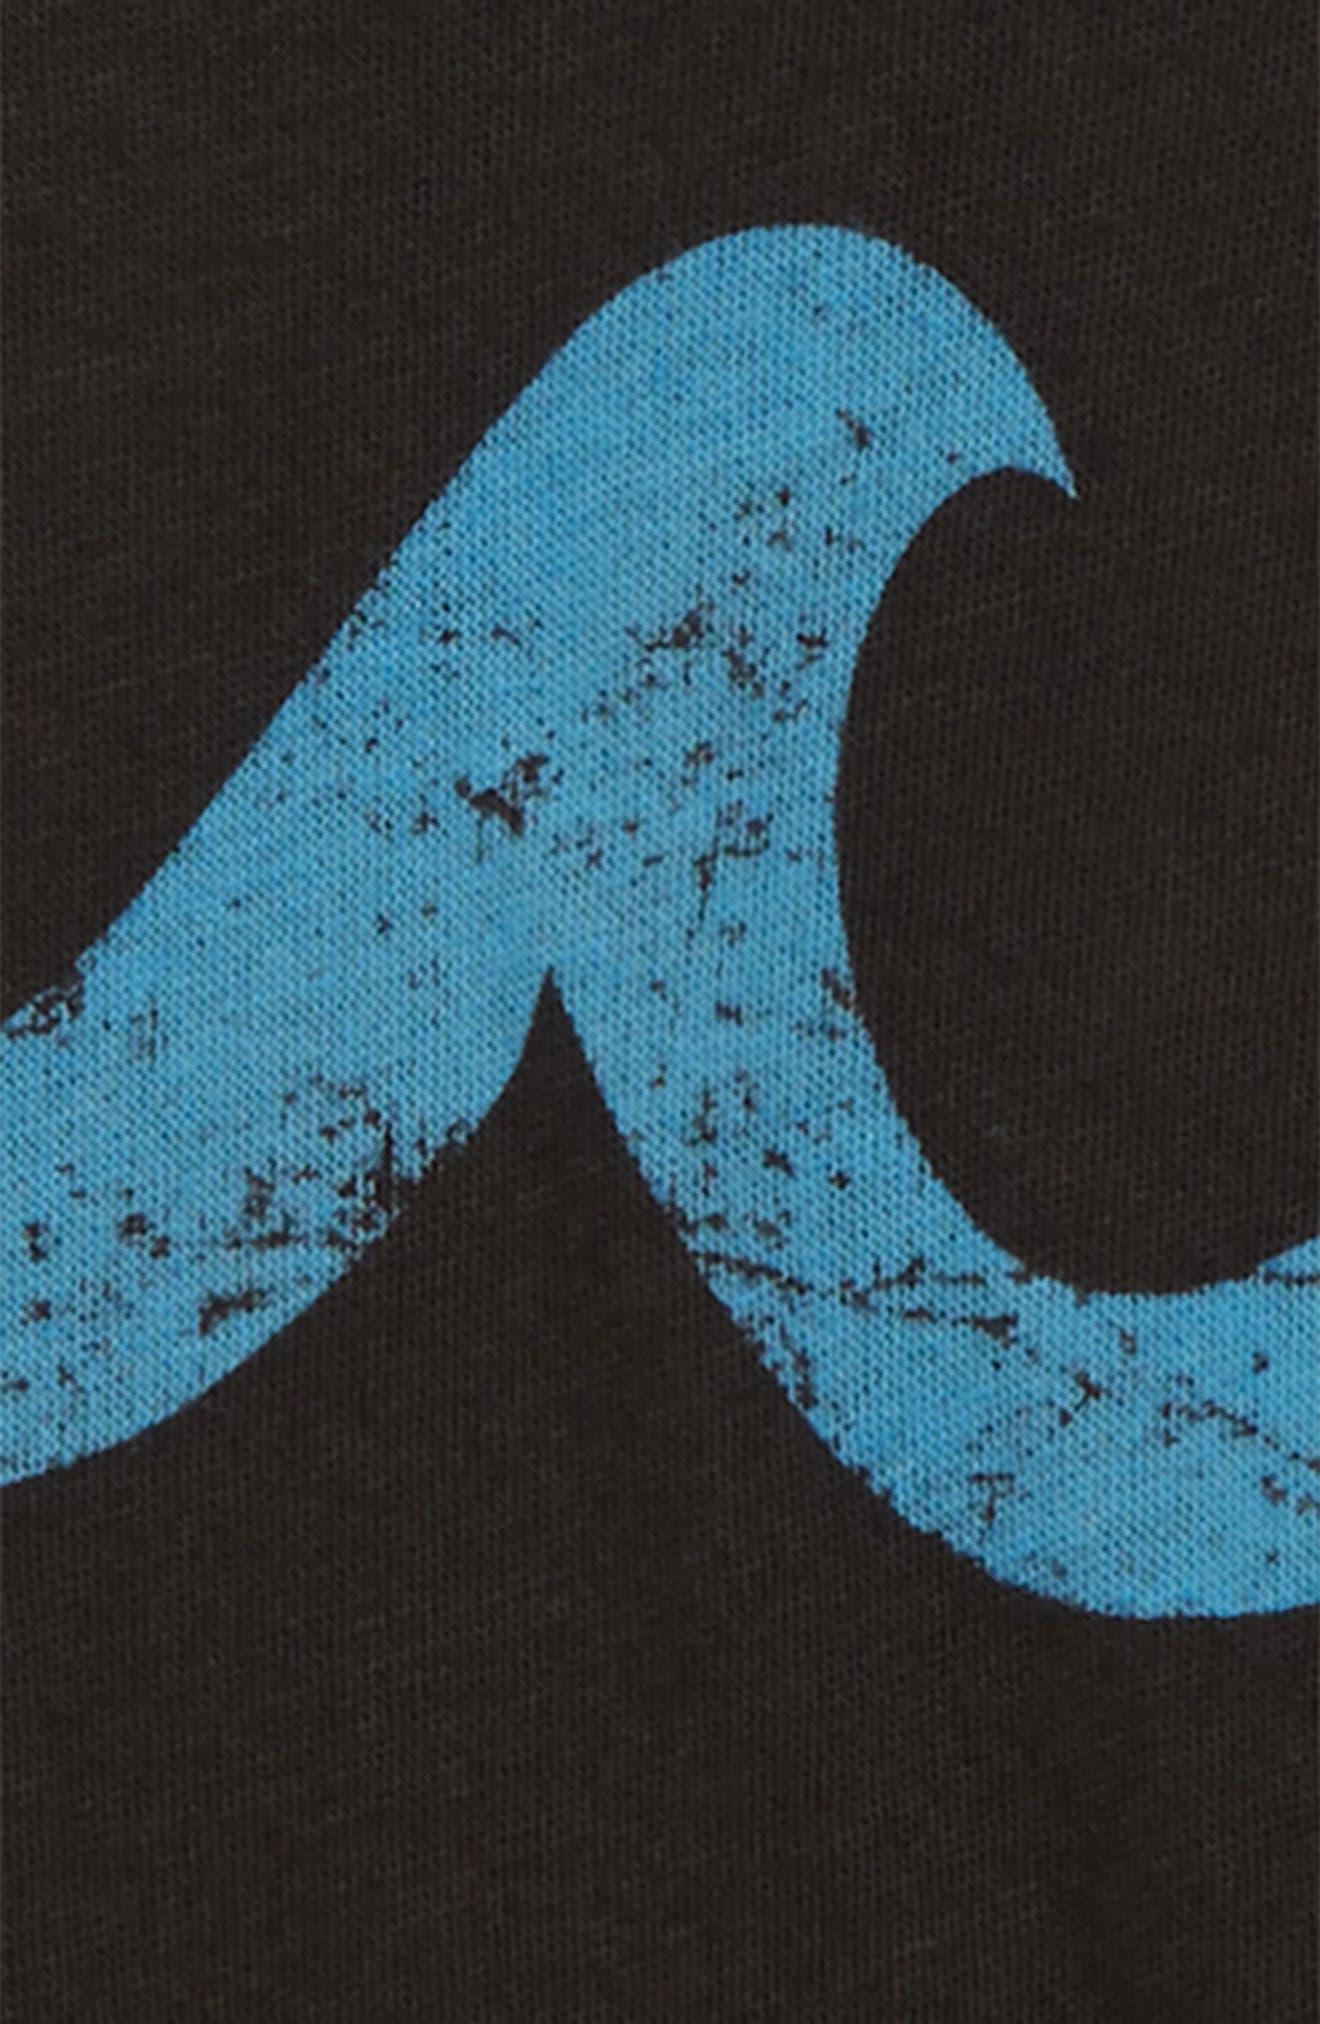 Blue Waves Graphic T-Shirt,                             Alternate thumbnail 2, color,                             Vintage Black